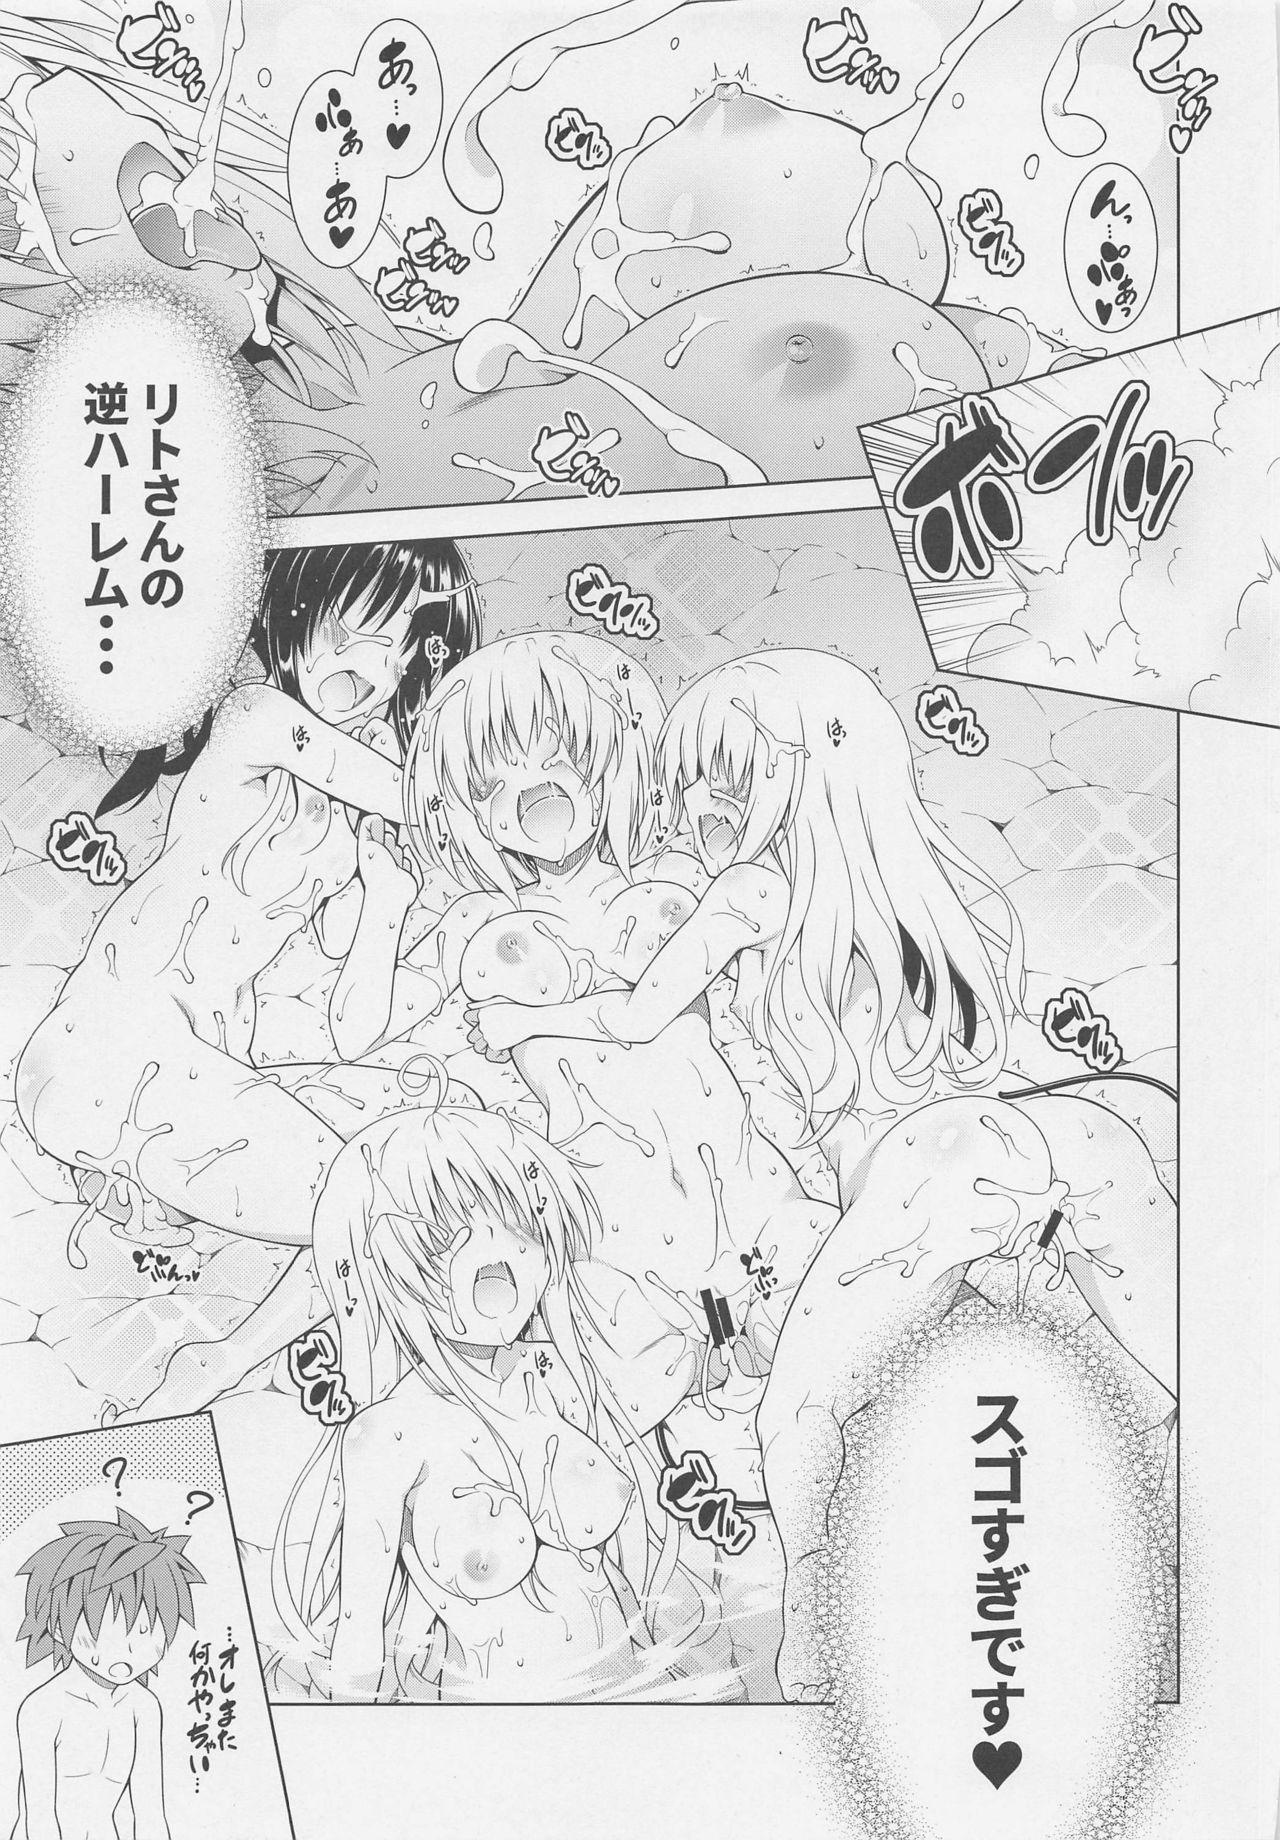 Rito-san no Harem Seikatsu 9 24